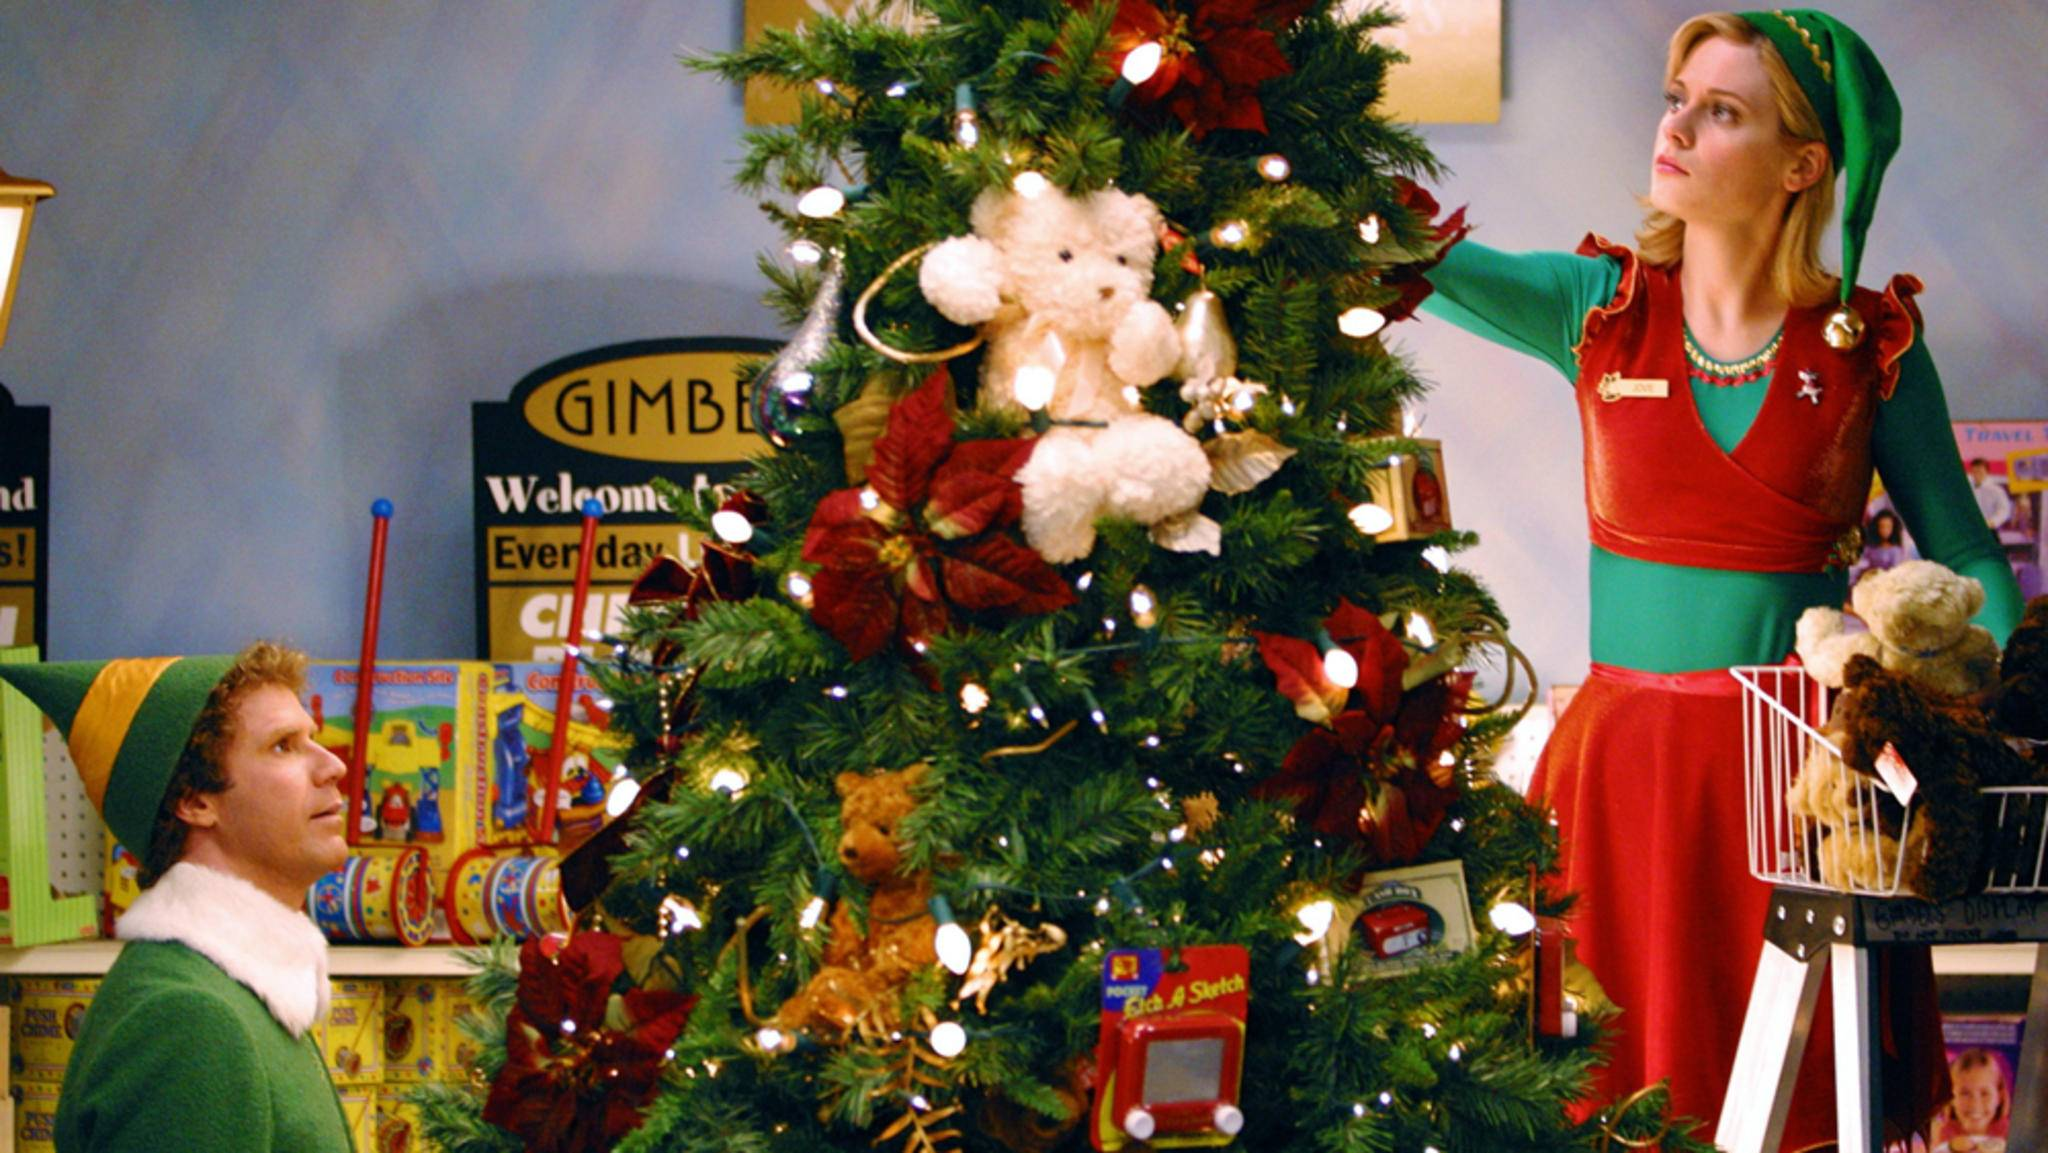 Buddy Der Weihnachtself-dpa - Fotoreport-5715324